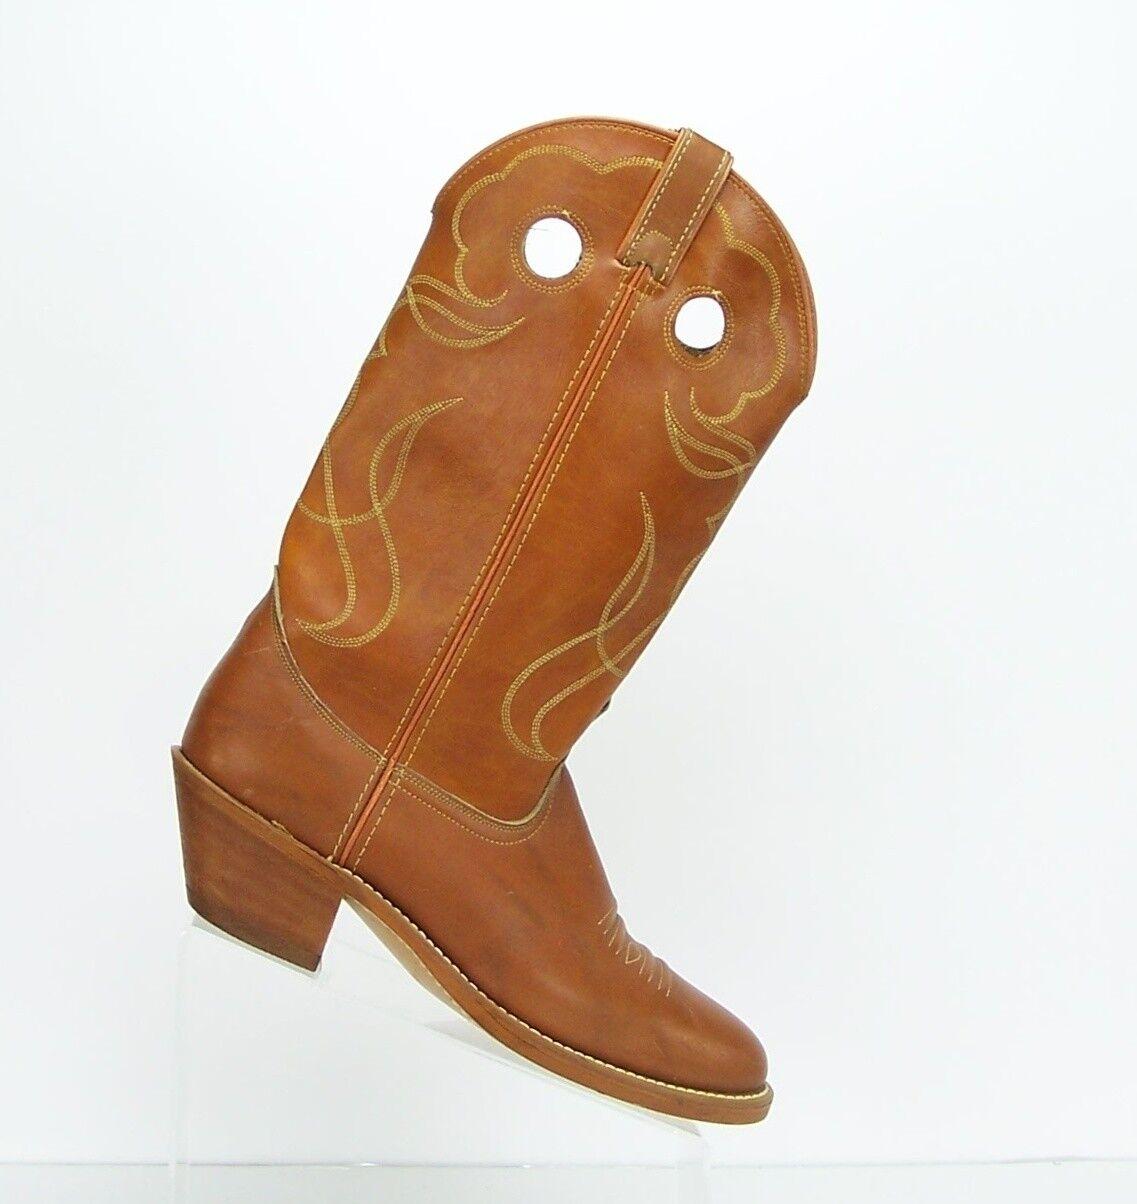 Western Cowboy Braun Faux Leder Uomo Pull On Stiefel  Uomo Leder Größe US 9.5 D Mad in USA a7a1f1